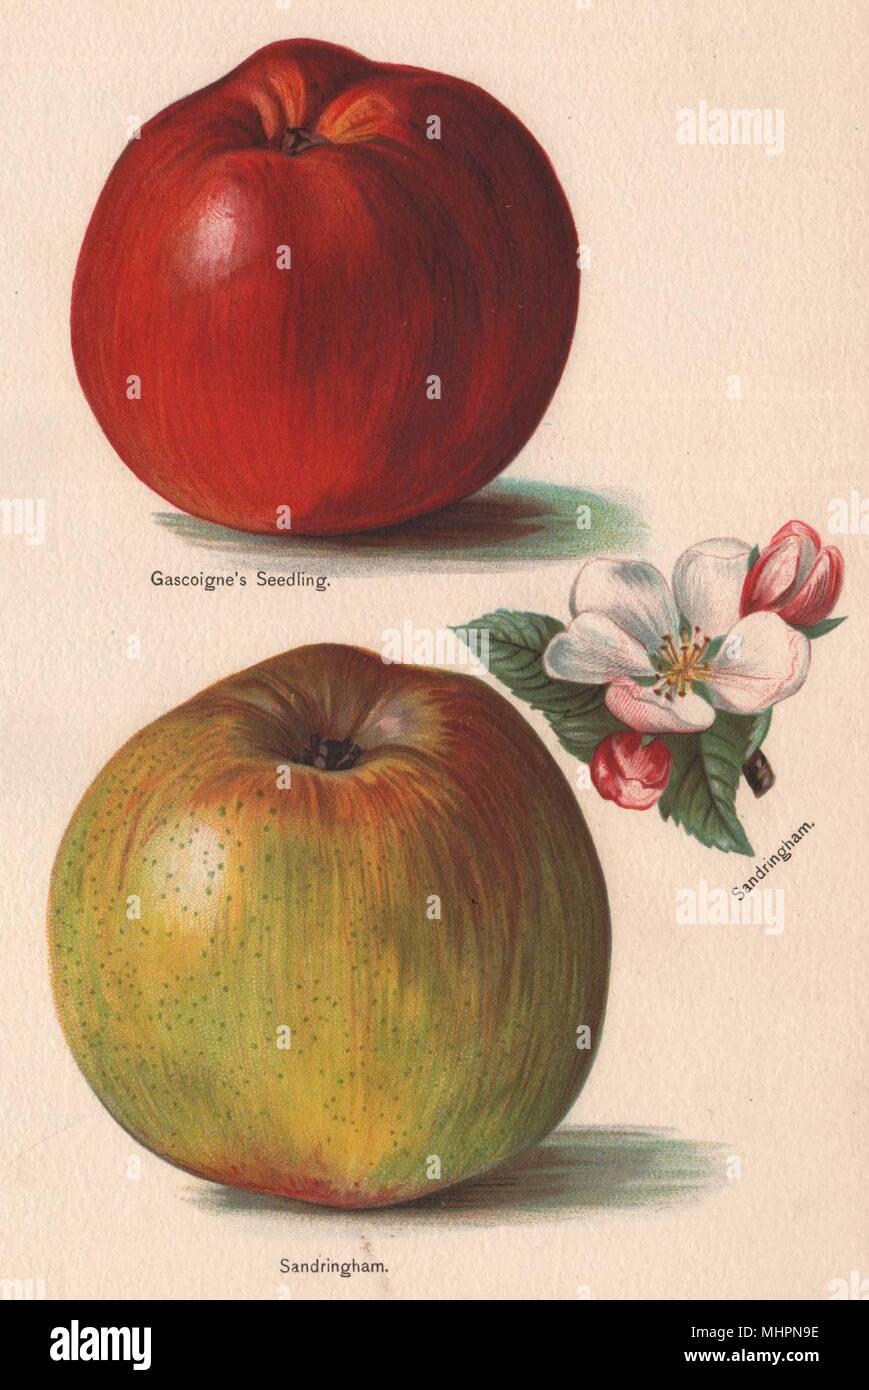 APPLES. Gascoigne's Seedling; Sandringham. WRIGHT Chromolithograph 1892 print - Stock Image